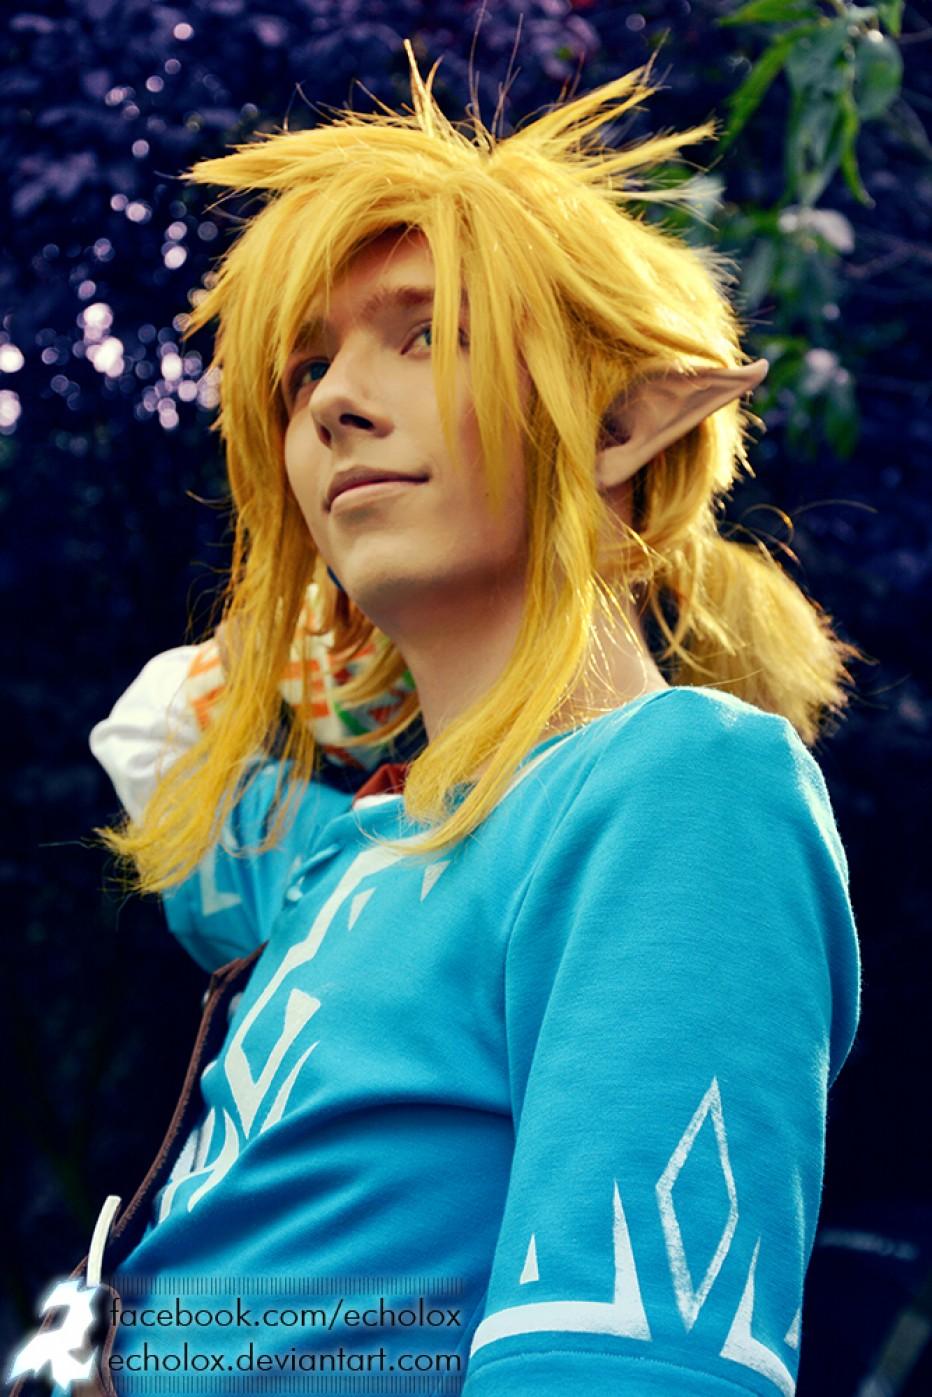 Link-Breath-of-the-Wild-Cosplay-Gamers-Heroes-2.jpg